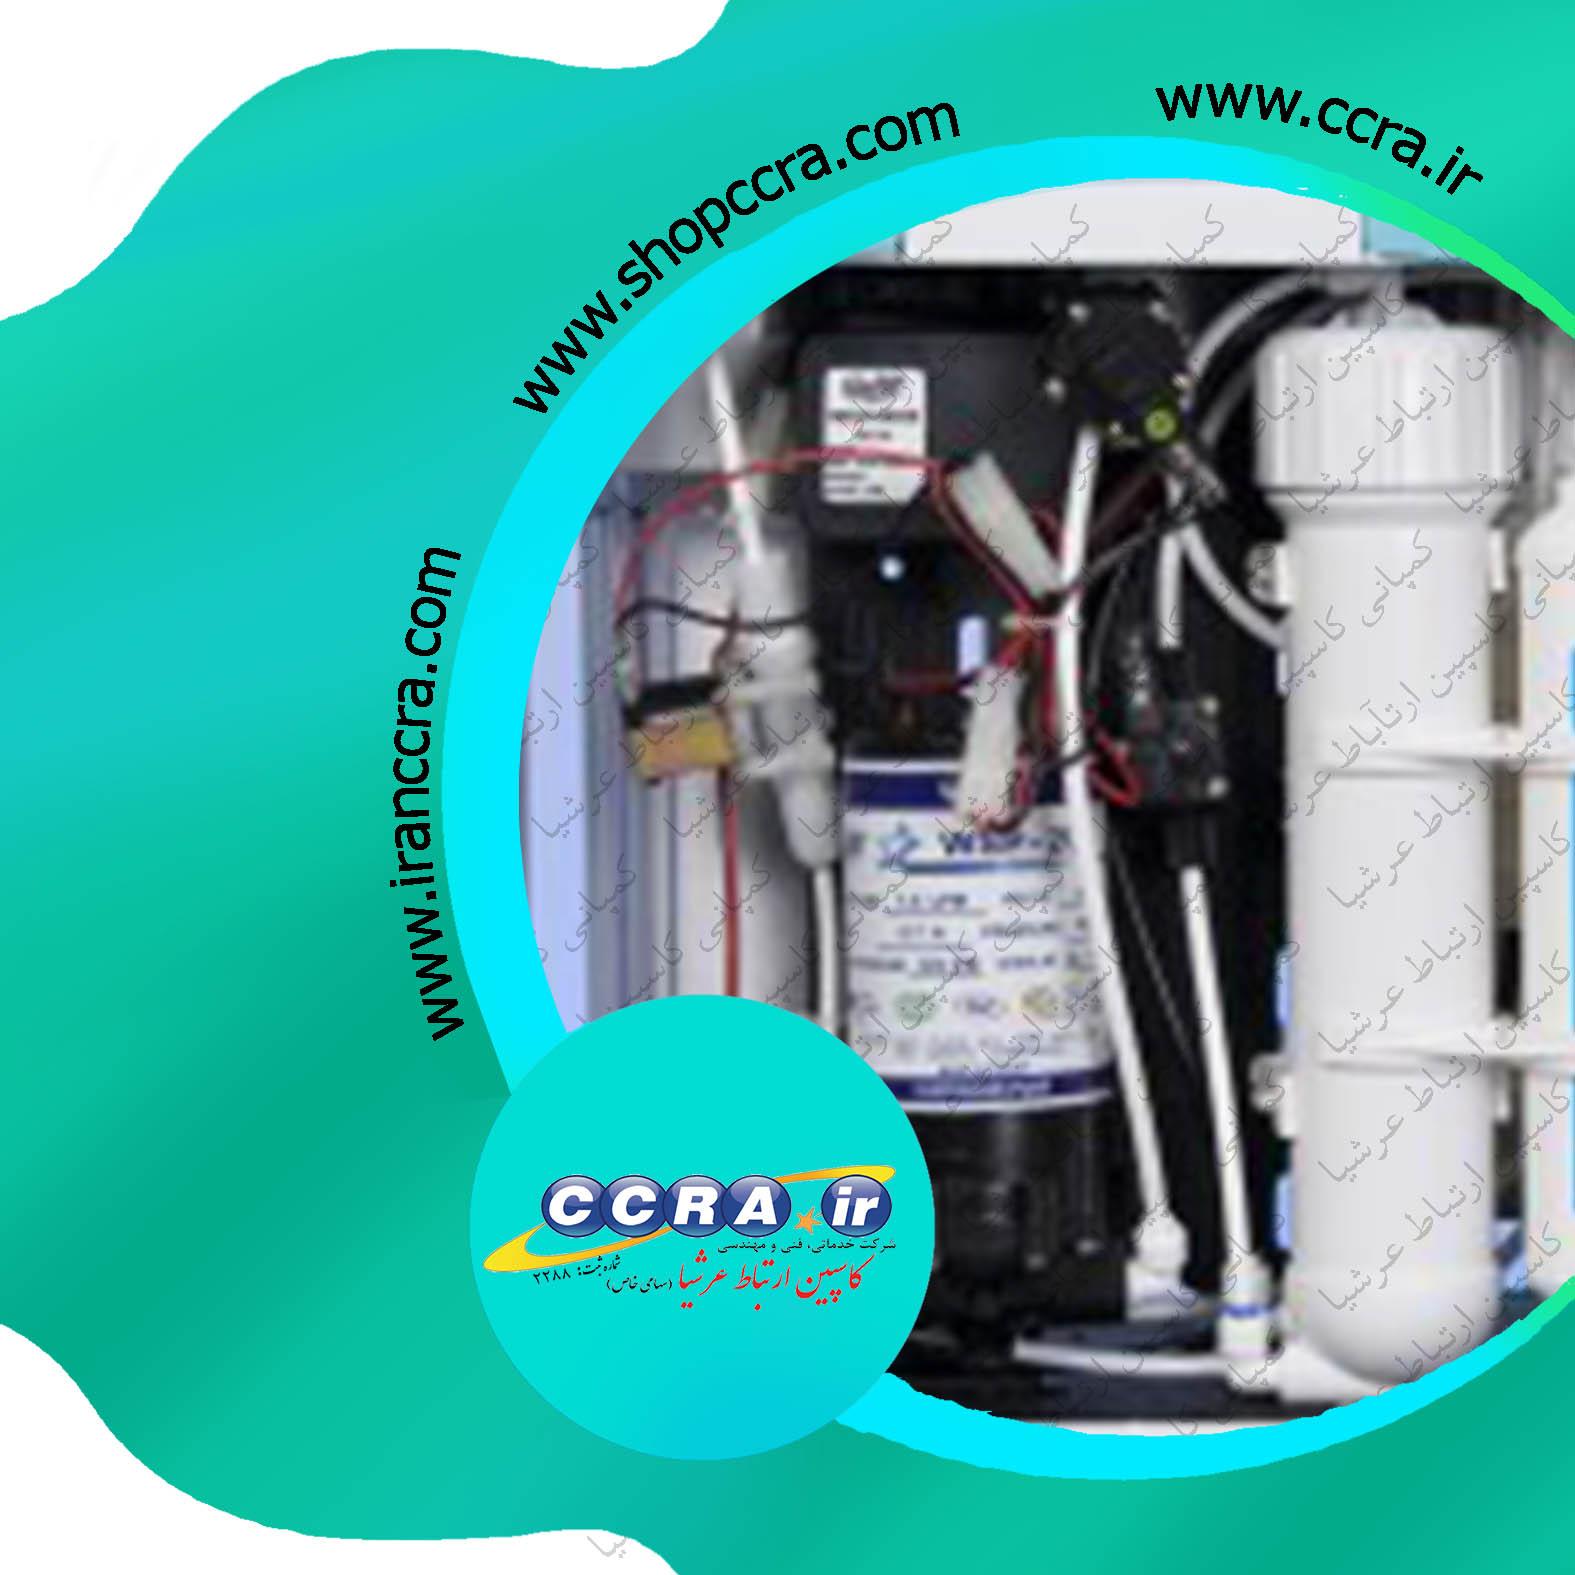 مصرف برق دستگاه های تصفیه آب خانگی پیوری واتر